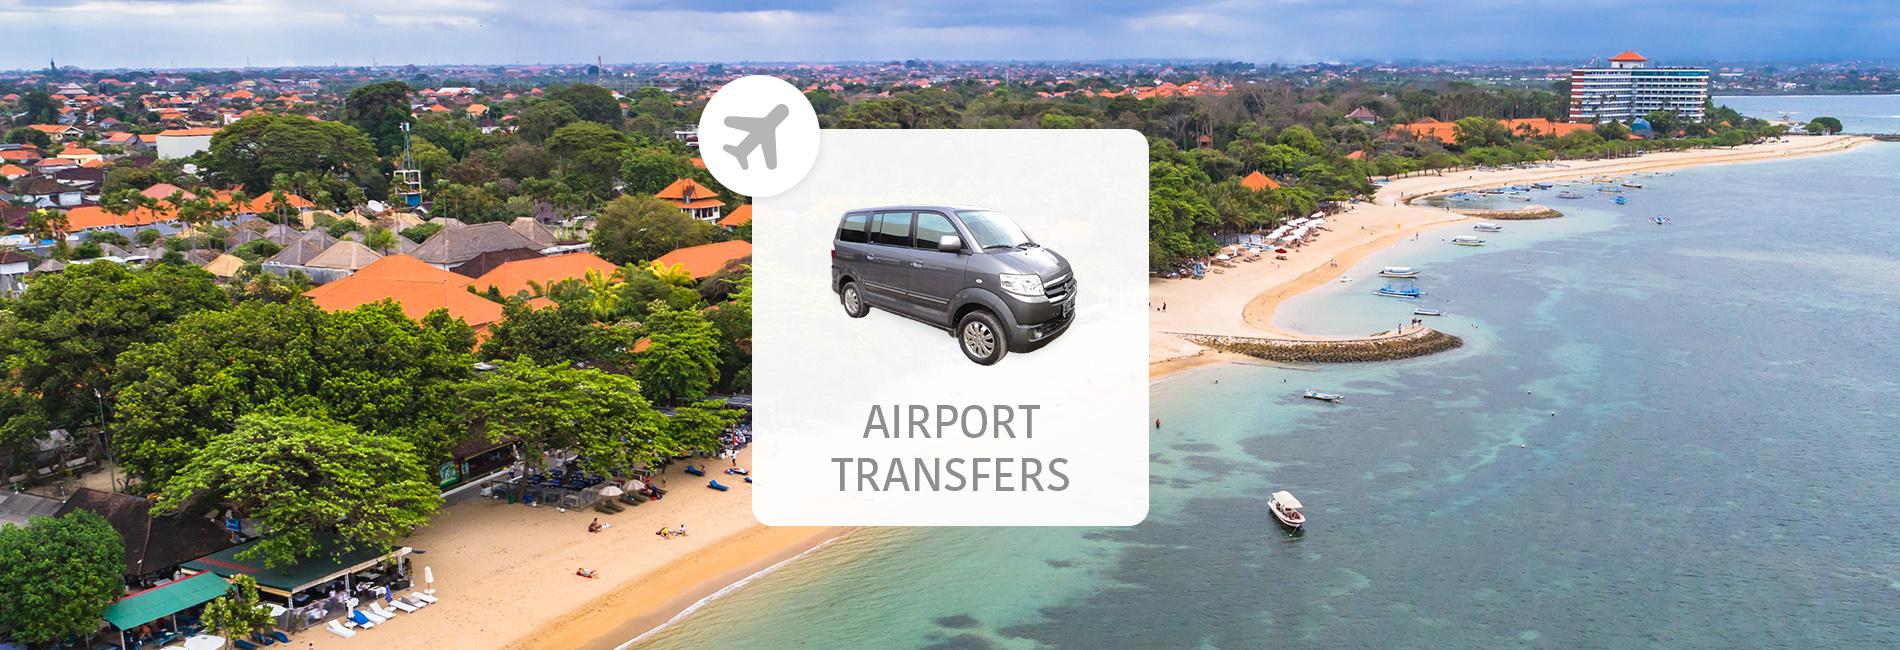 【峇里島機場接送】峇里島機場(DPS)-沙努爾/庫塔/努沙杜瓦/水明漾/金巴蘭/烏魯瓦圖區 - KKday